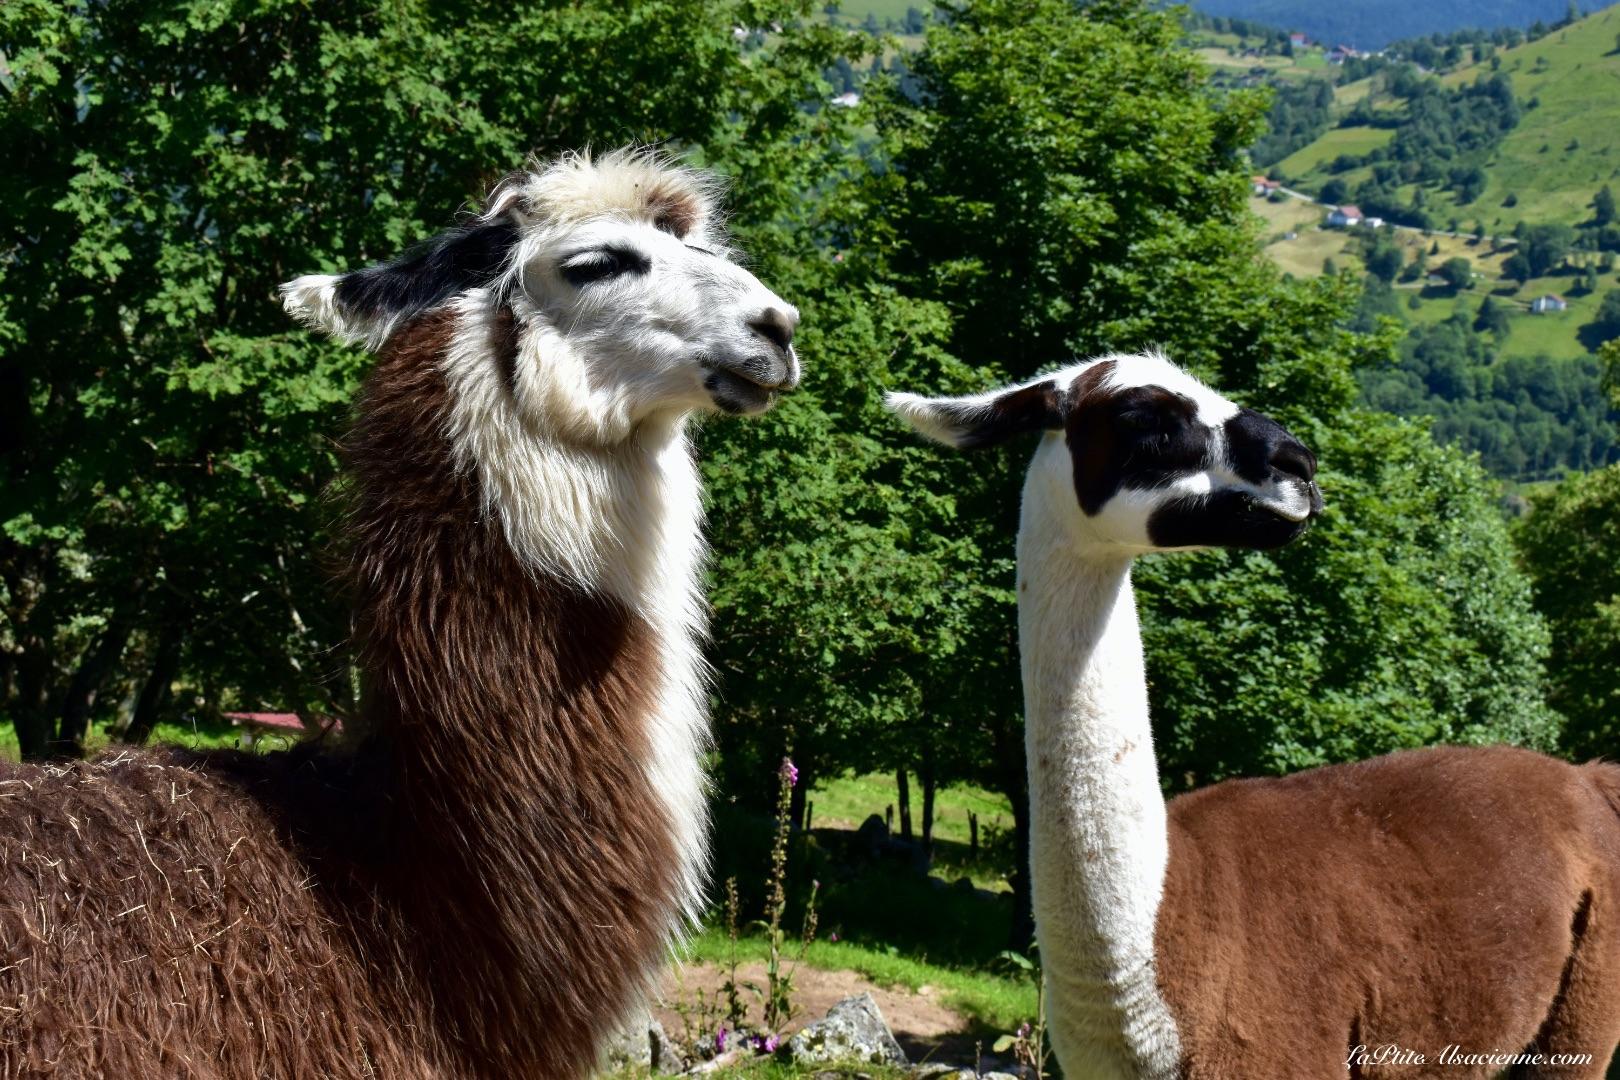 Comment ça, on vient de se cracher dessus ? Même pas vrai ! - Montagne des Lamas à La Bresse (La couchetat) Photo de Cendrine Miesch dite LaPtiteAlsacienne